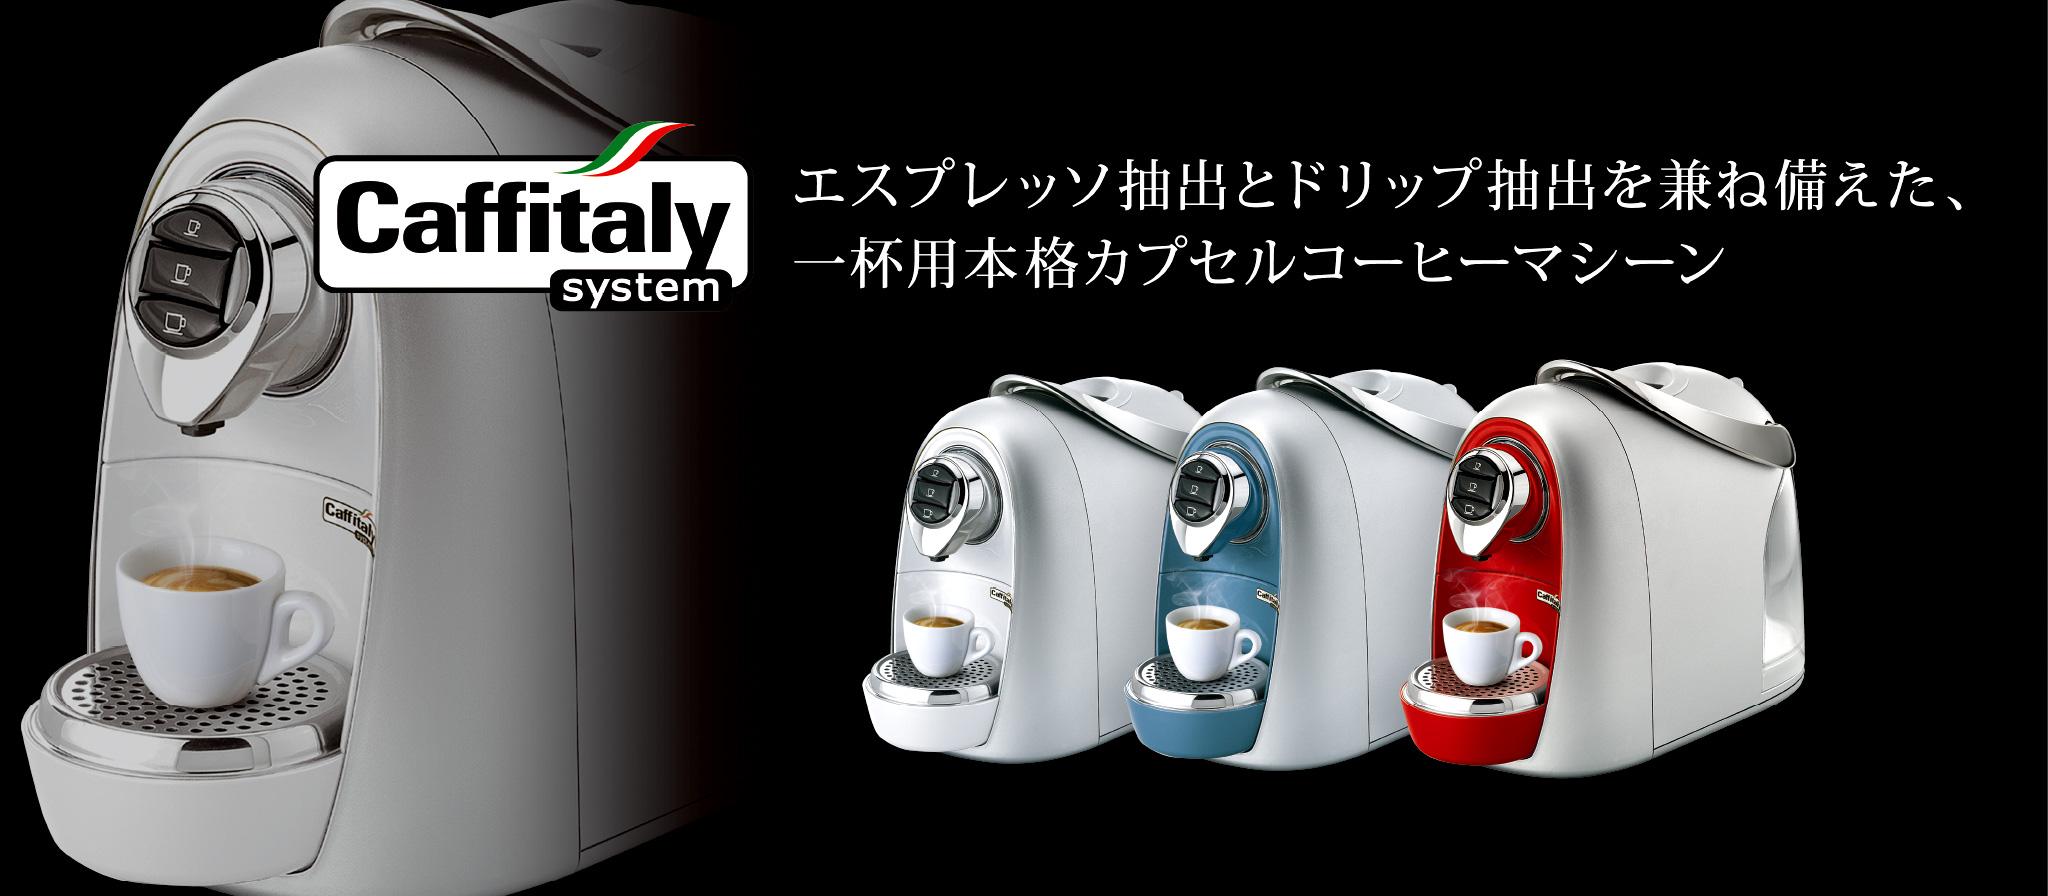 Caffitaly system エスプレッソ抽出とドリップ抽出を兼ね備えた、一杯用本格カプセルコーヒーマシーン NEW メタリックレッド